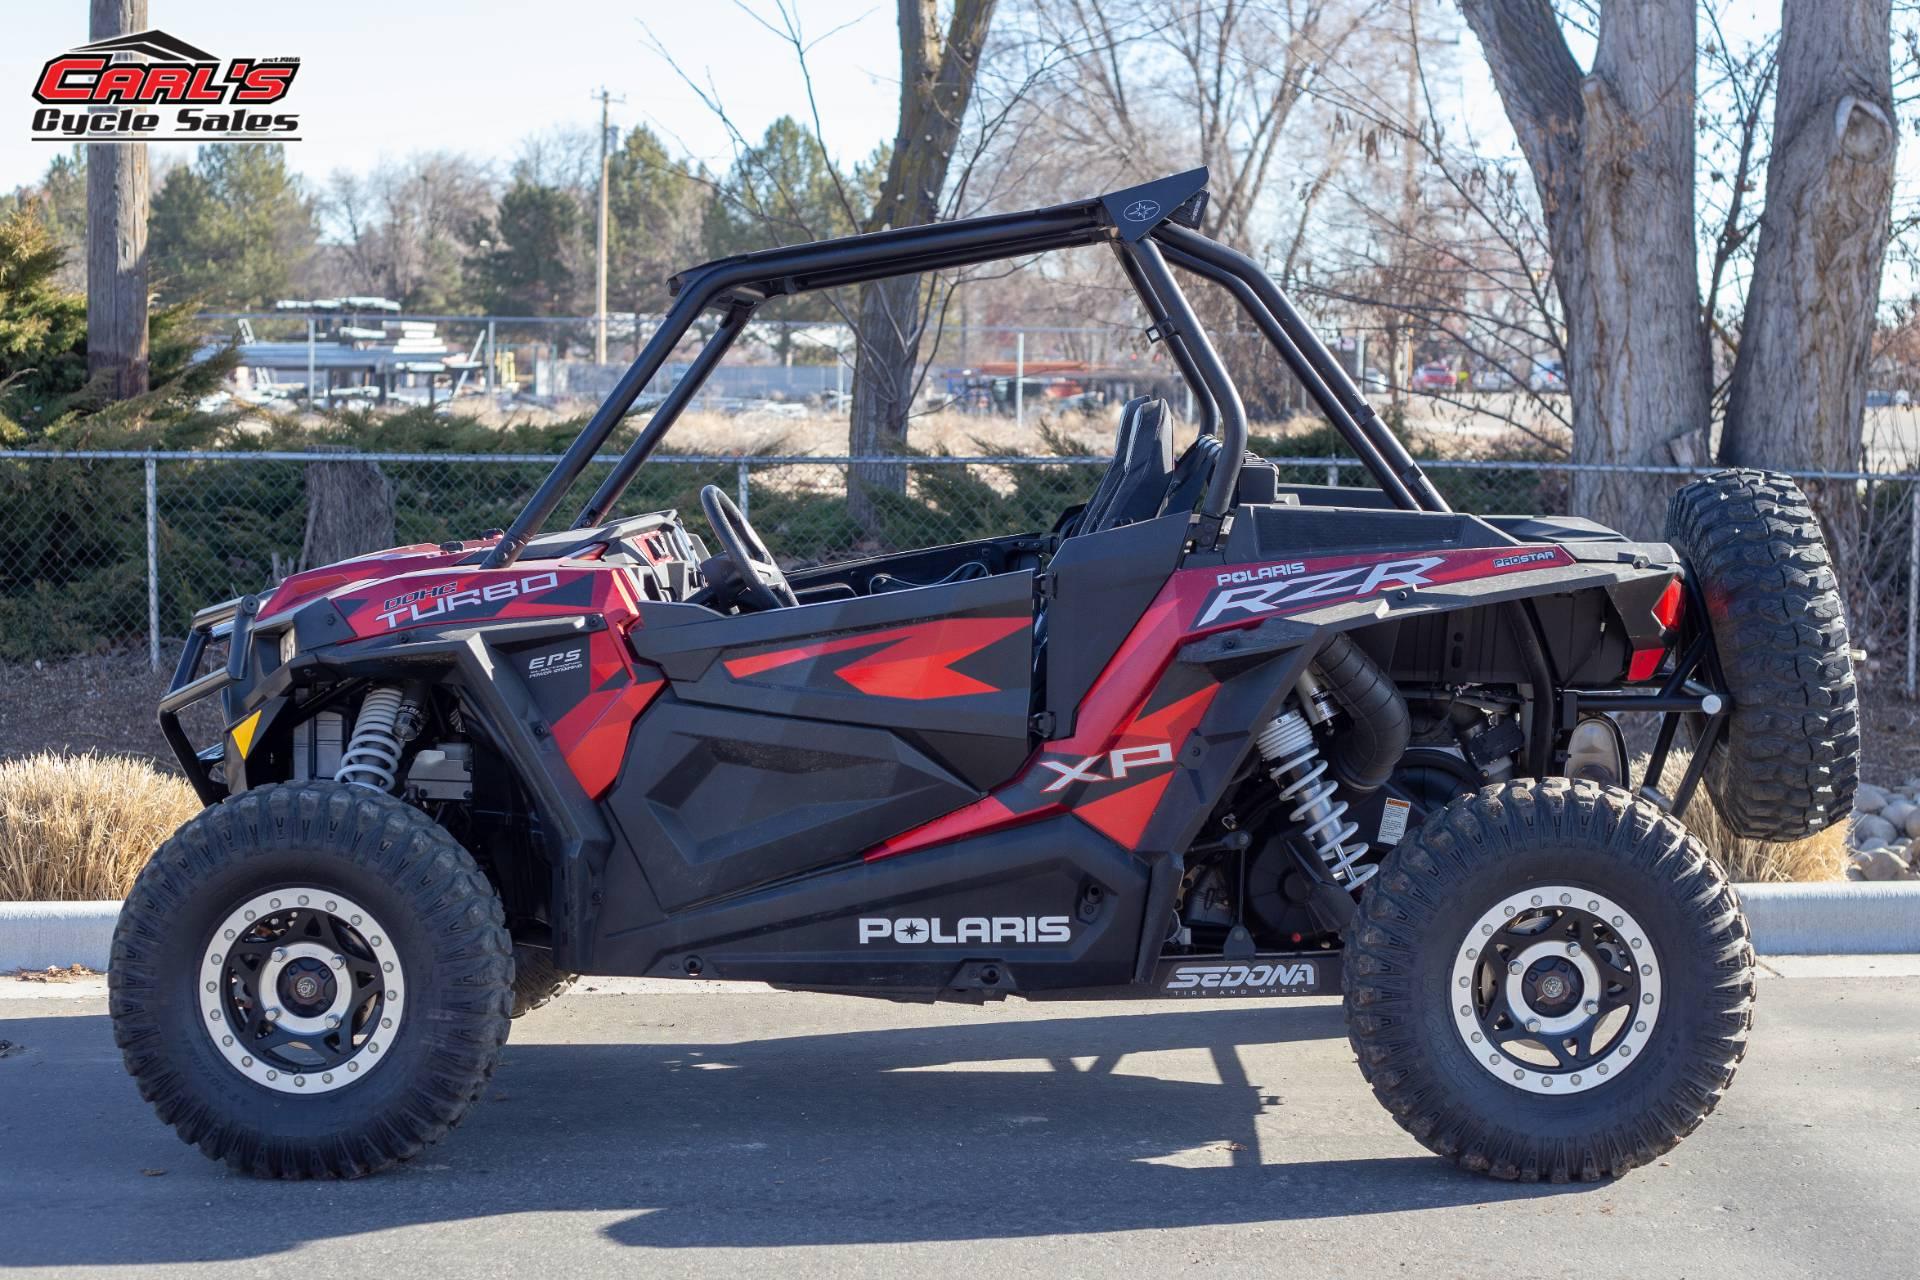 2016 Polaris Rzr Xp Turbo Eps In Boise Idaho